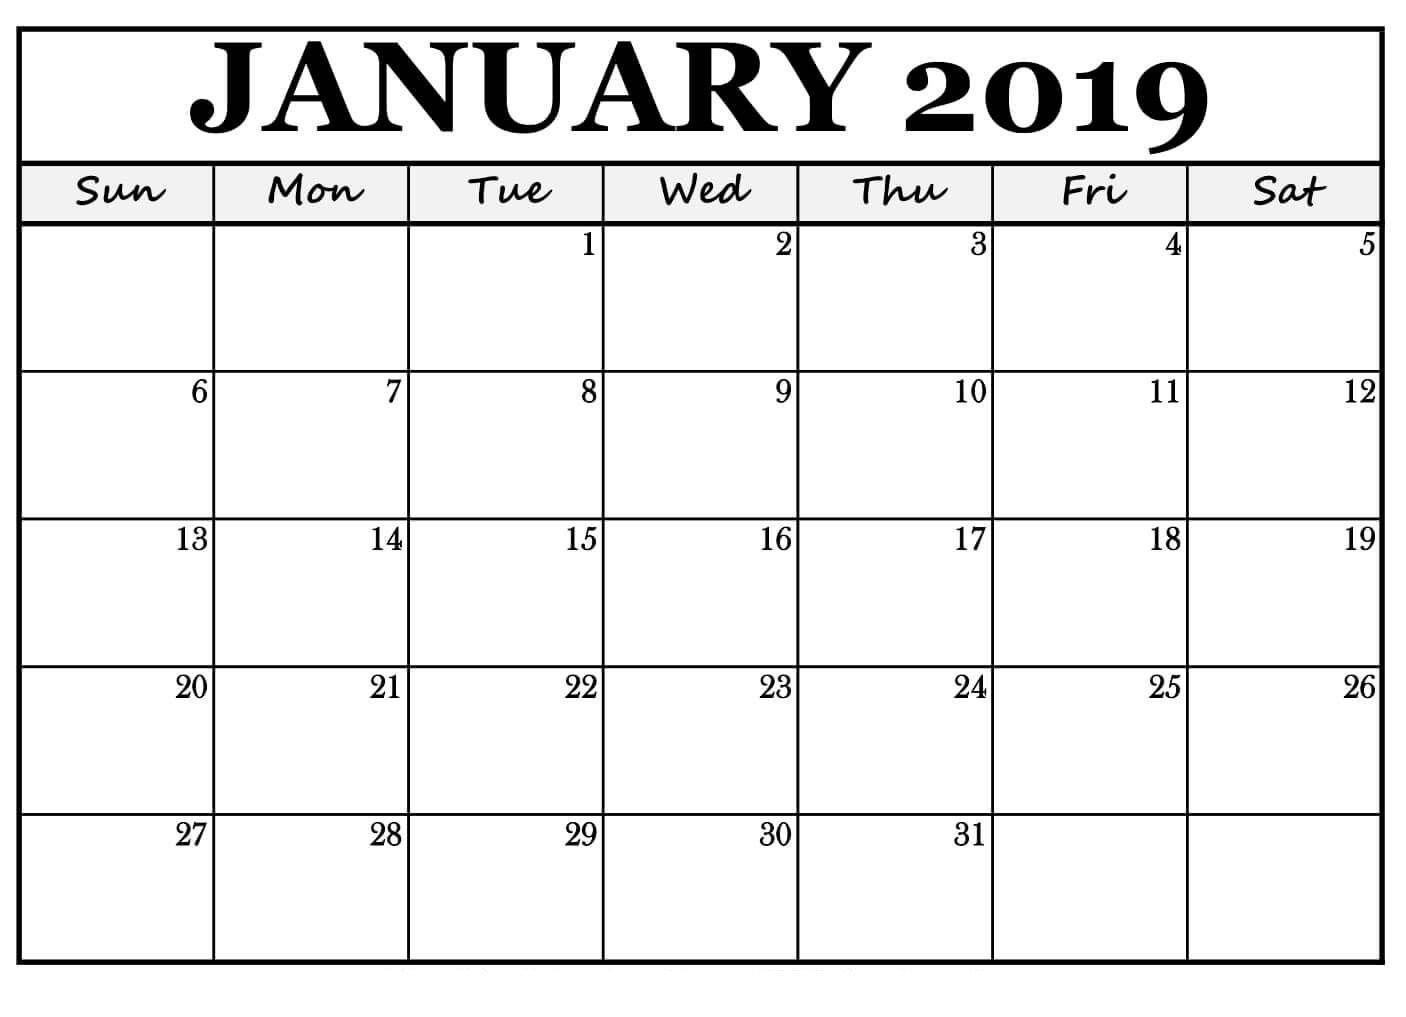 January 2019 Printable Calendar Word | Free Printable January 2019 Calendar 2019 Printable January